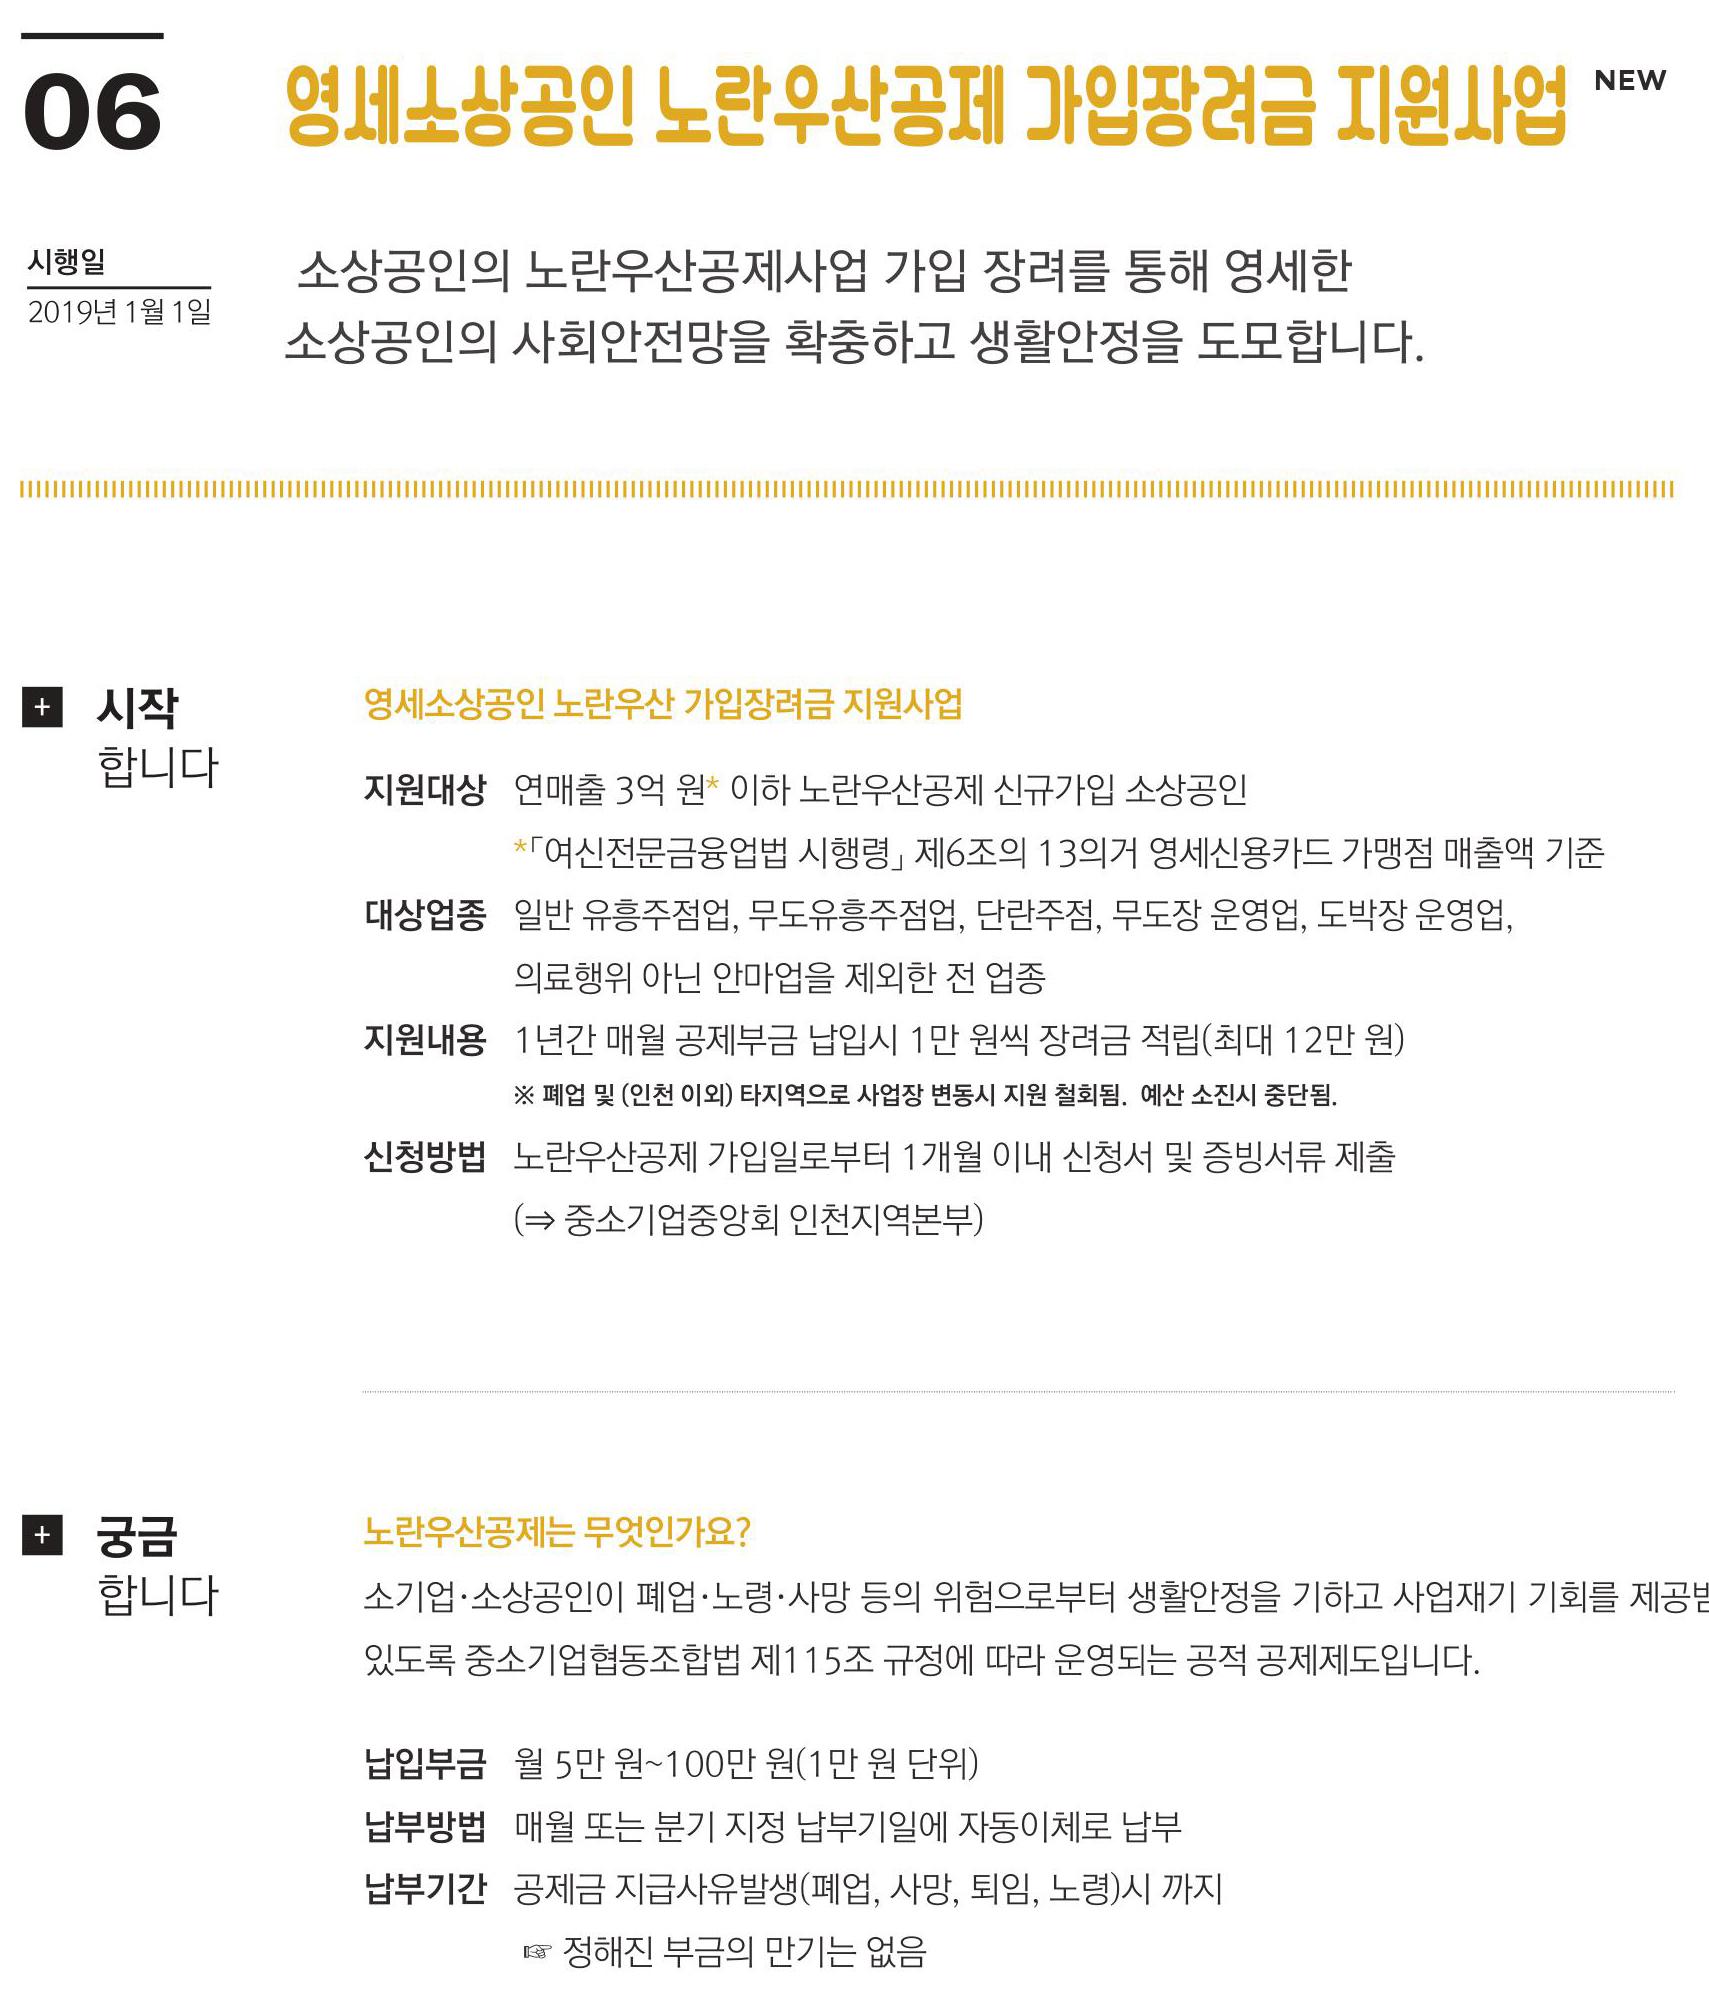 영세소상공인-노란우산공제-가입장려금-지원